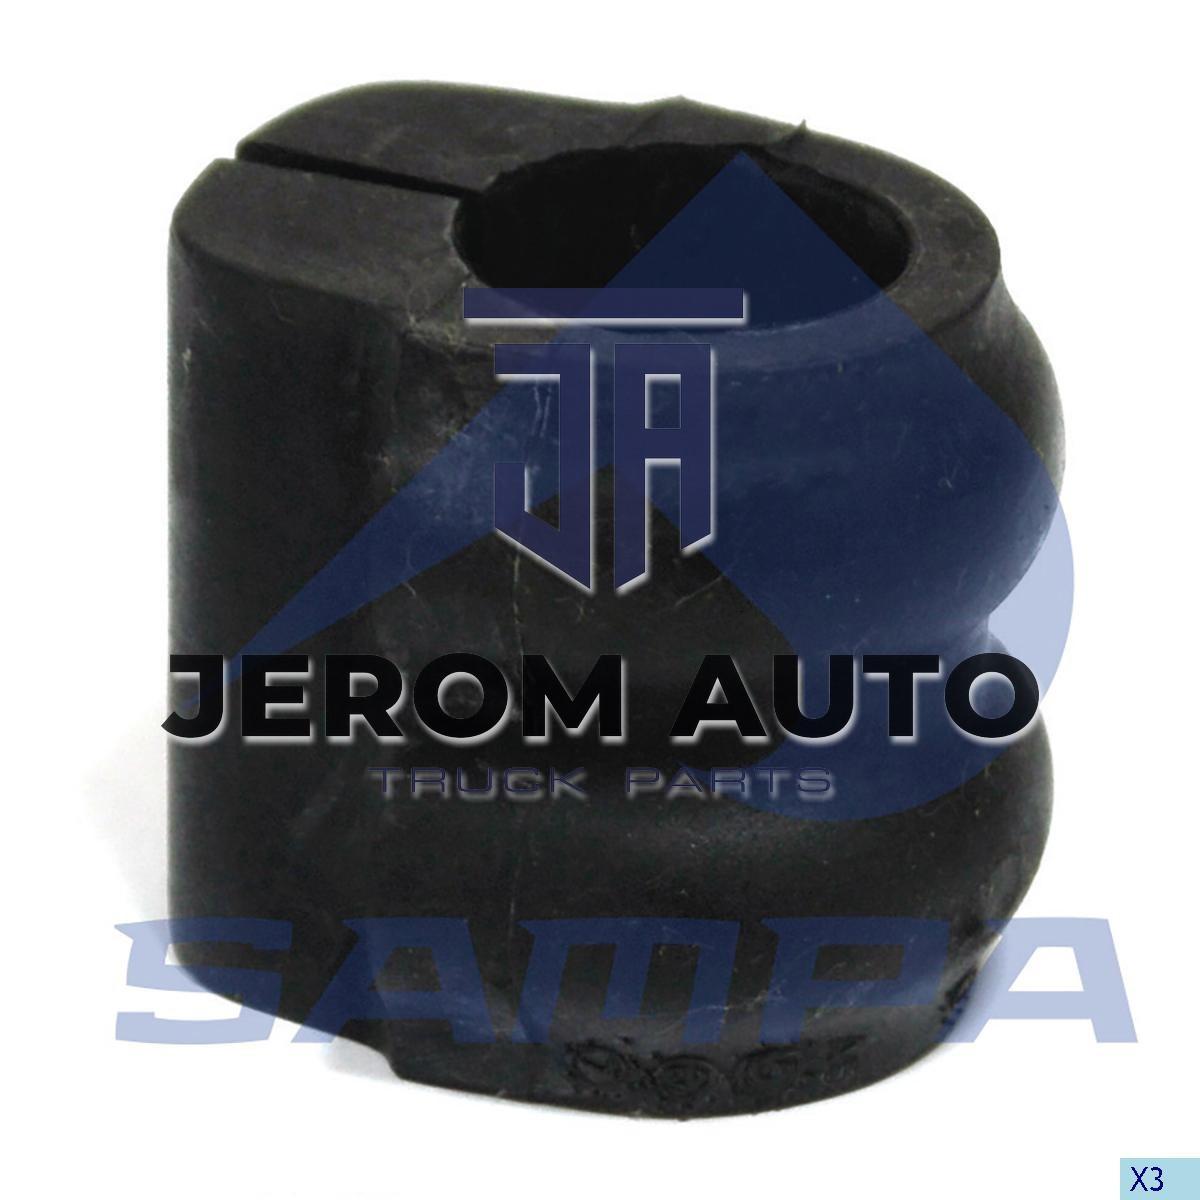 Втулка стабілізатора передня (d32x64 mm) Renault \5010630049 \ 080.298